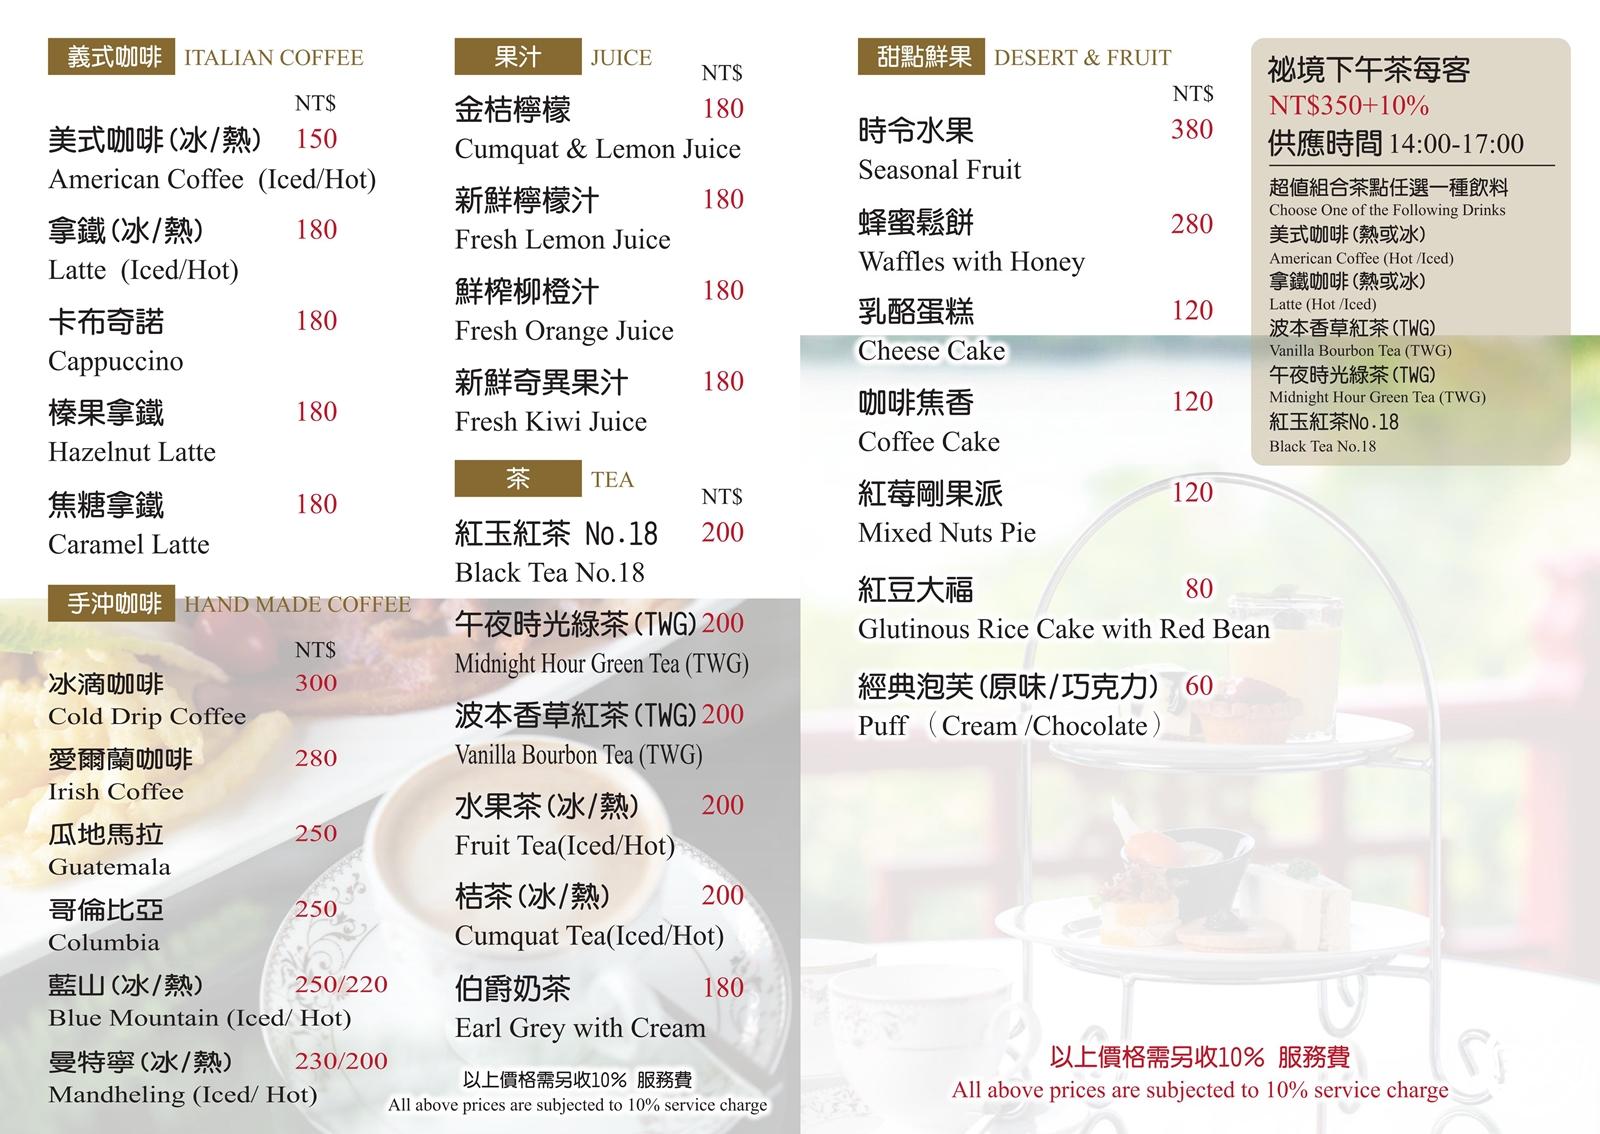 高雄圓山大飯店祕境咖啡廳菜單 - 姐妹淘部落客